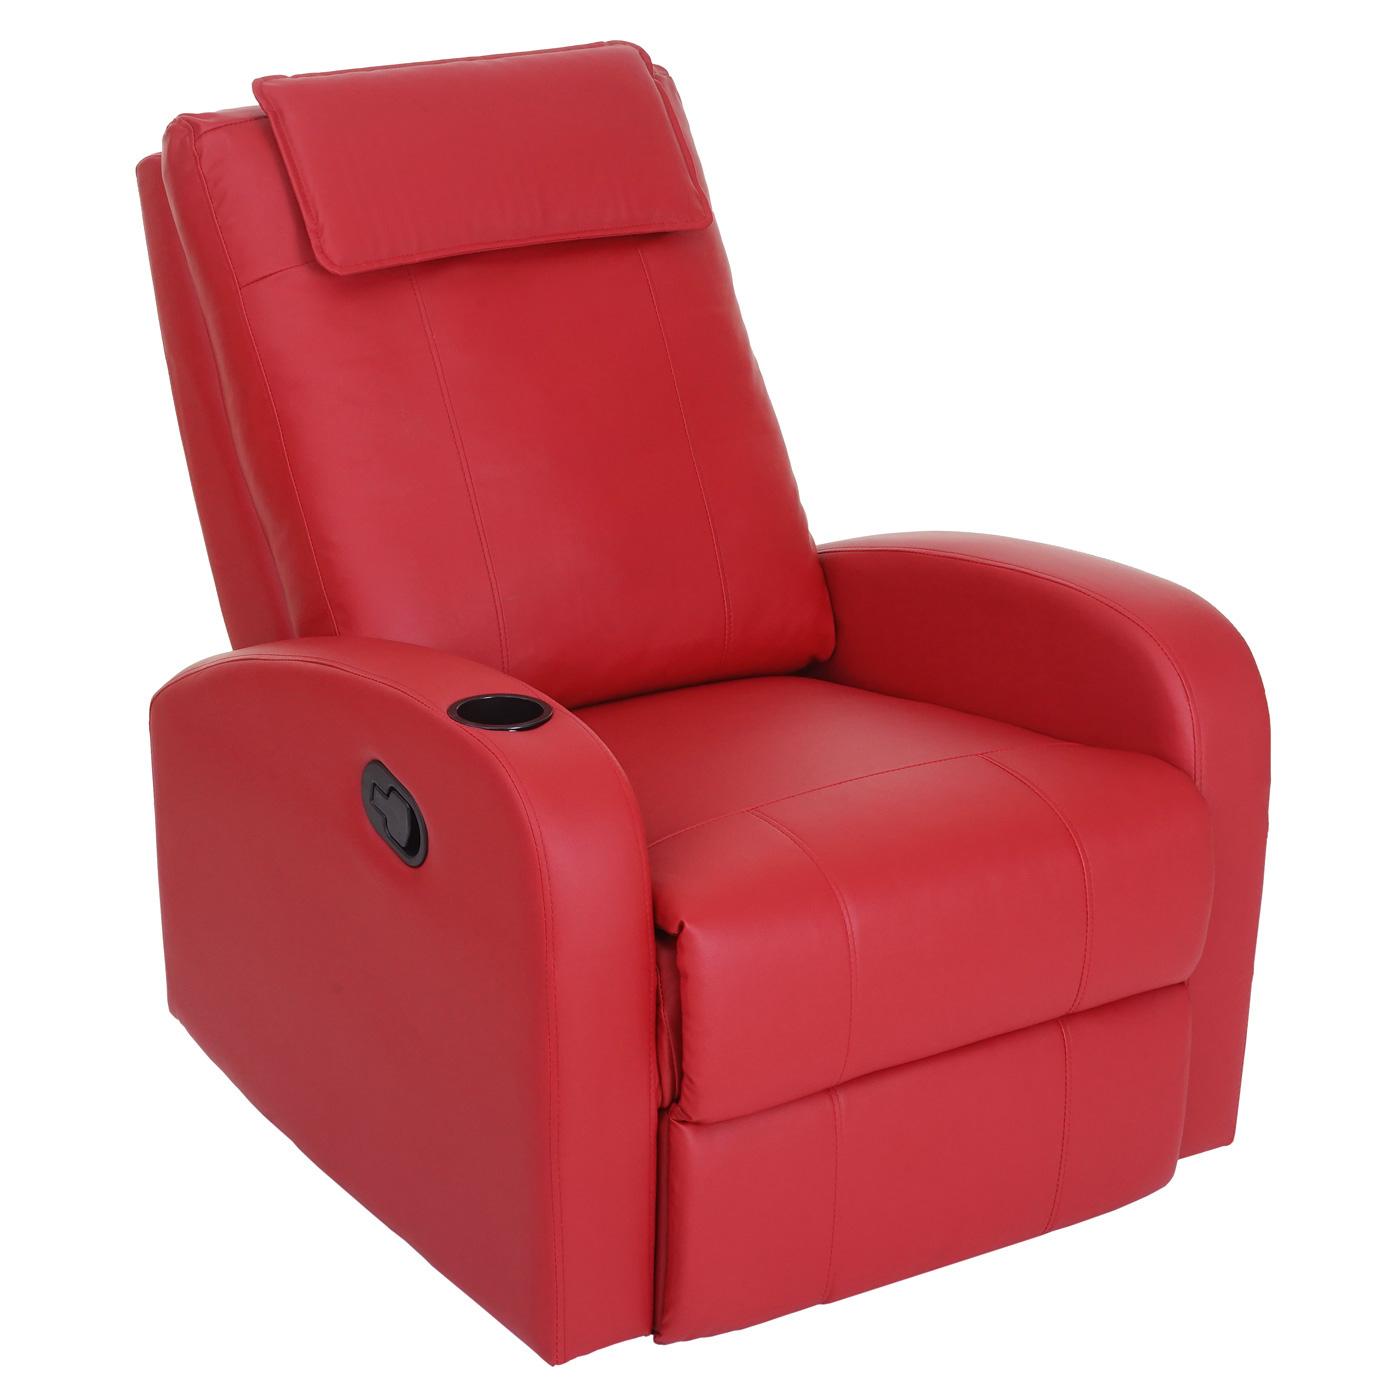 fernsehsessel durham tv sessel relaxsessel liegesessel kunstleder rot. Black Bedroom Furniture Sets. Home Design Ideas